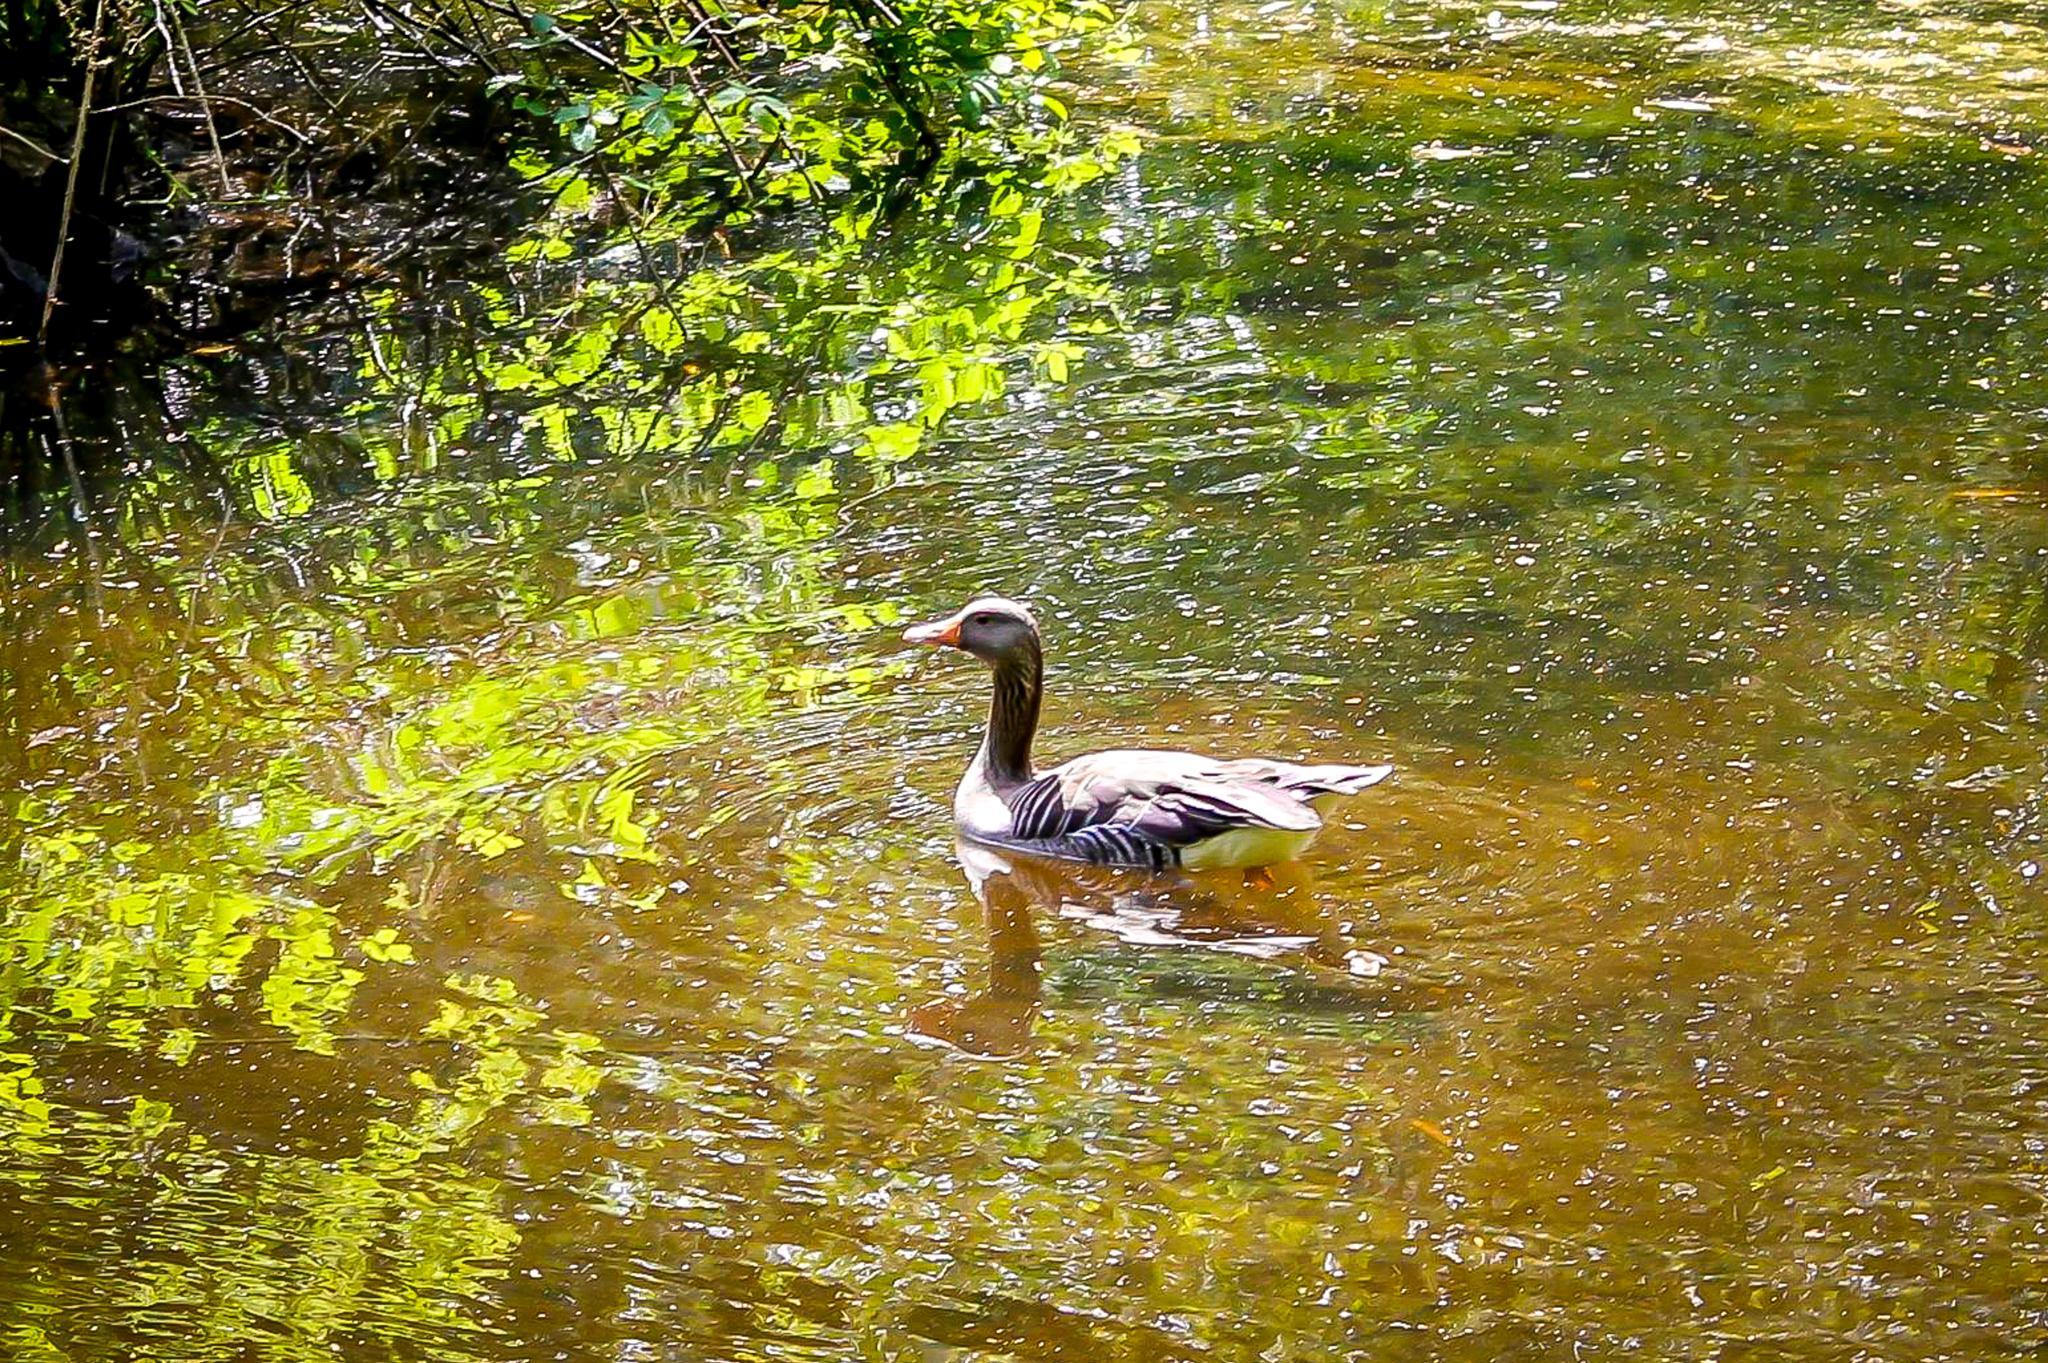 On Golden Pond by Petminder